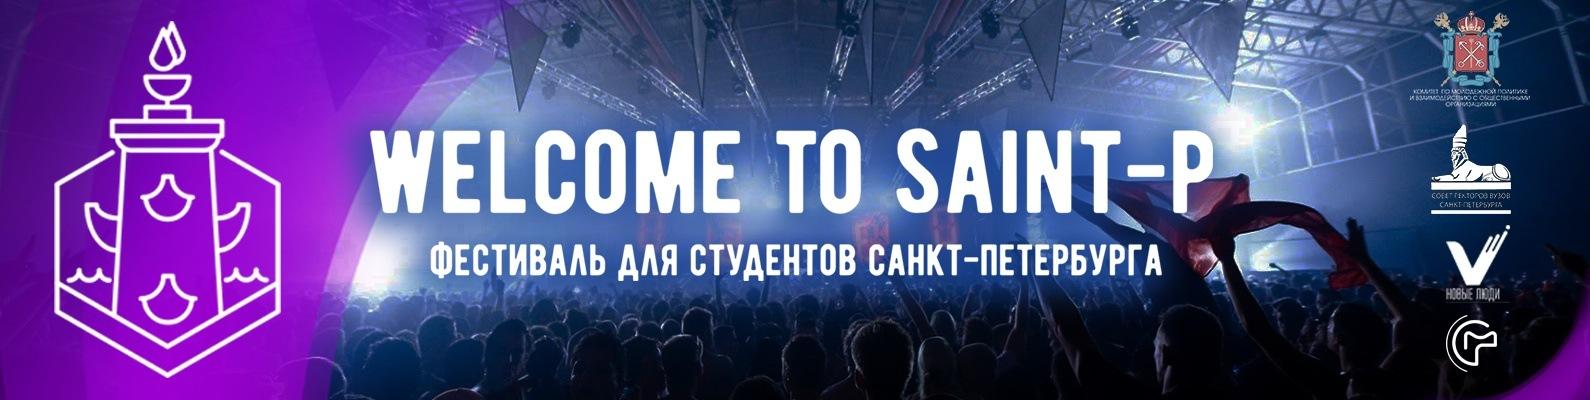 Фестиваль Welcome to Saint-P